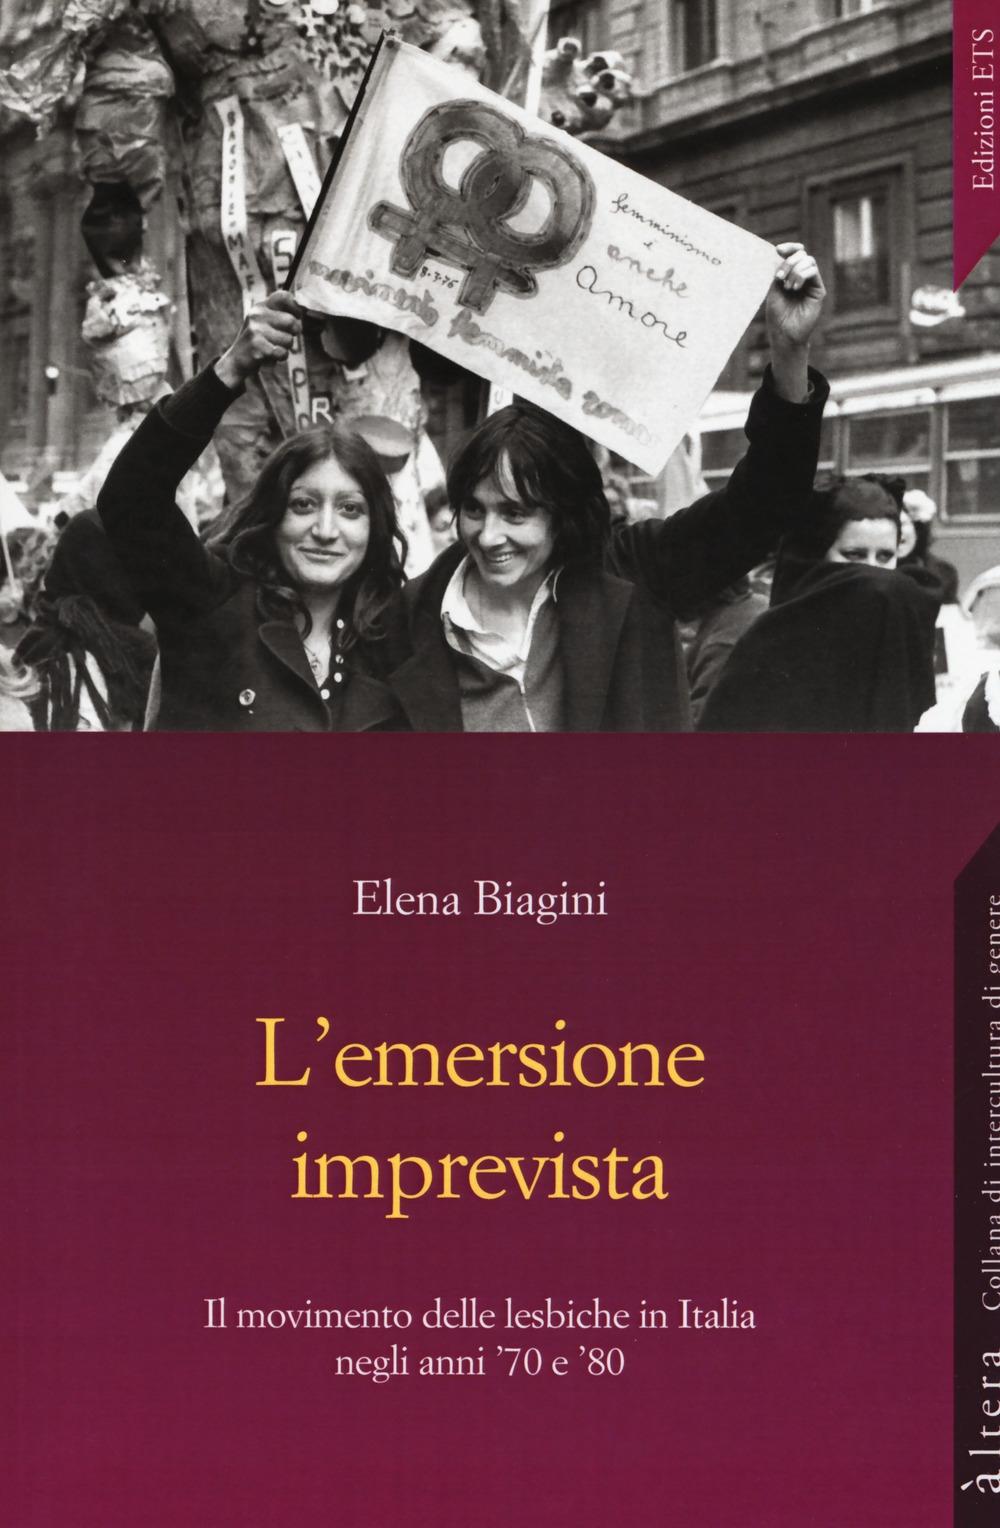 L'emersione imprevista. Il movimento delle lesbiche in Italia negli anni '70 e '80